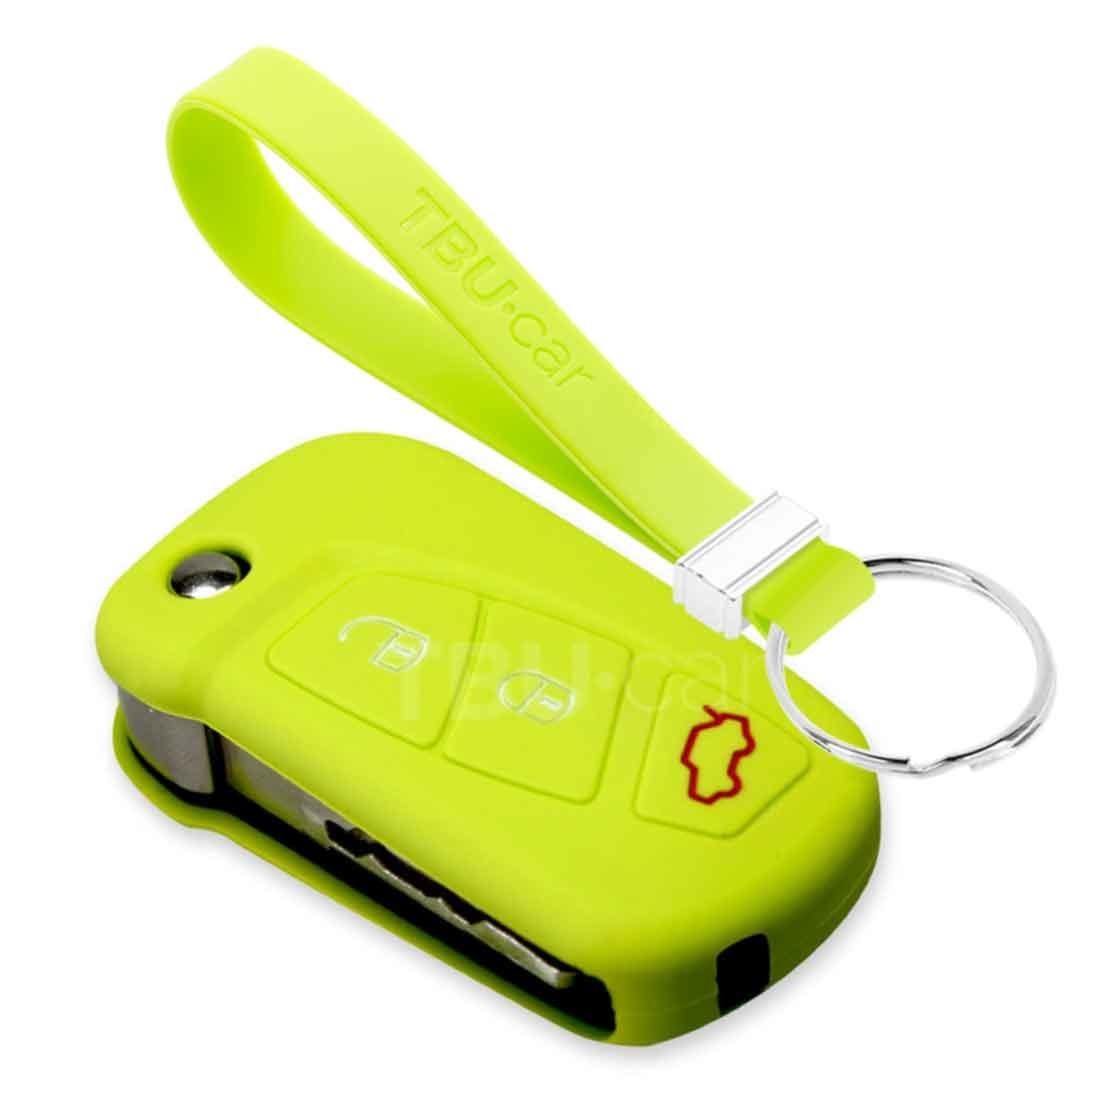 TBU car TBU car Autoschlüssel Hülle kompatibel mit Ford 3 Tasten (KA) - Schutzhülle aus Silikon - Auto Schlüsselhülle Cover in Lindgrün